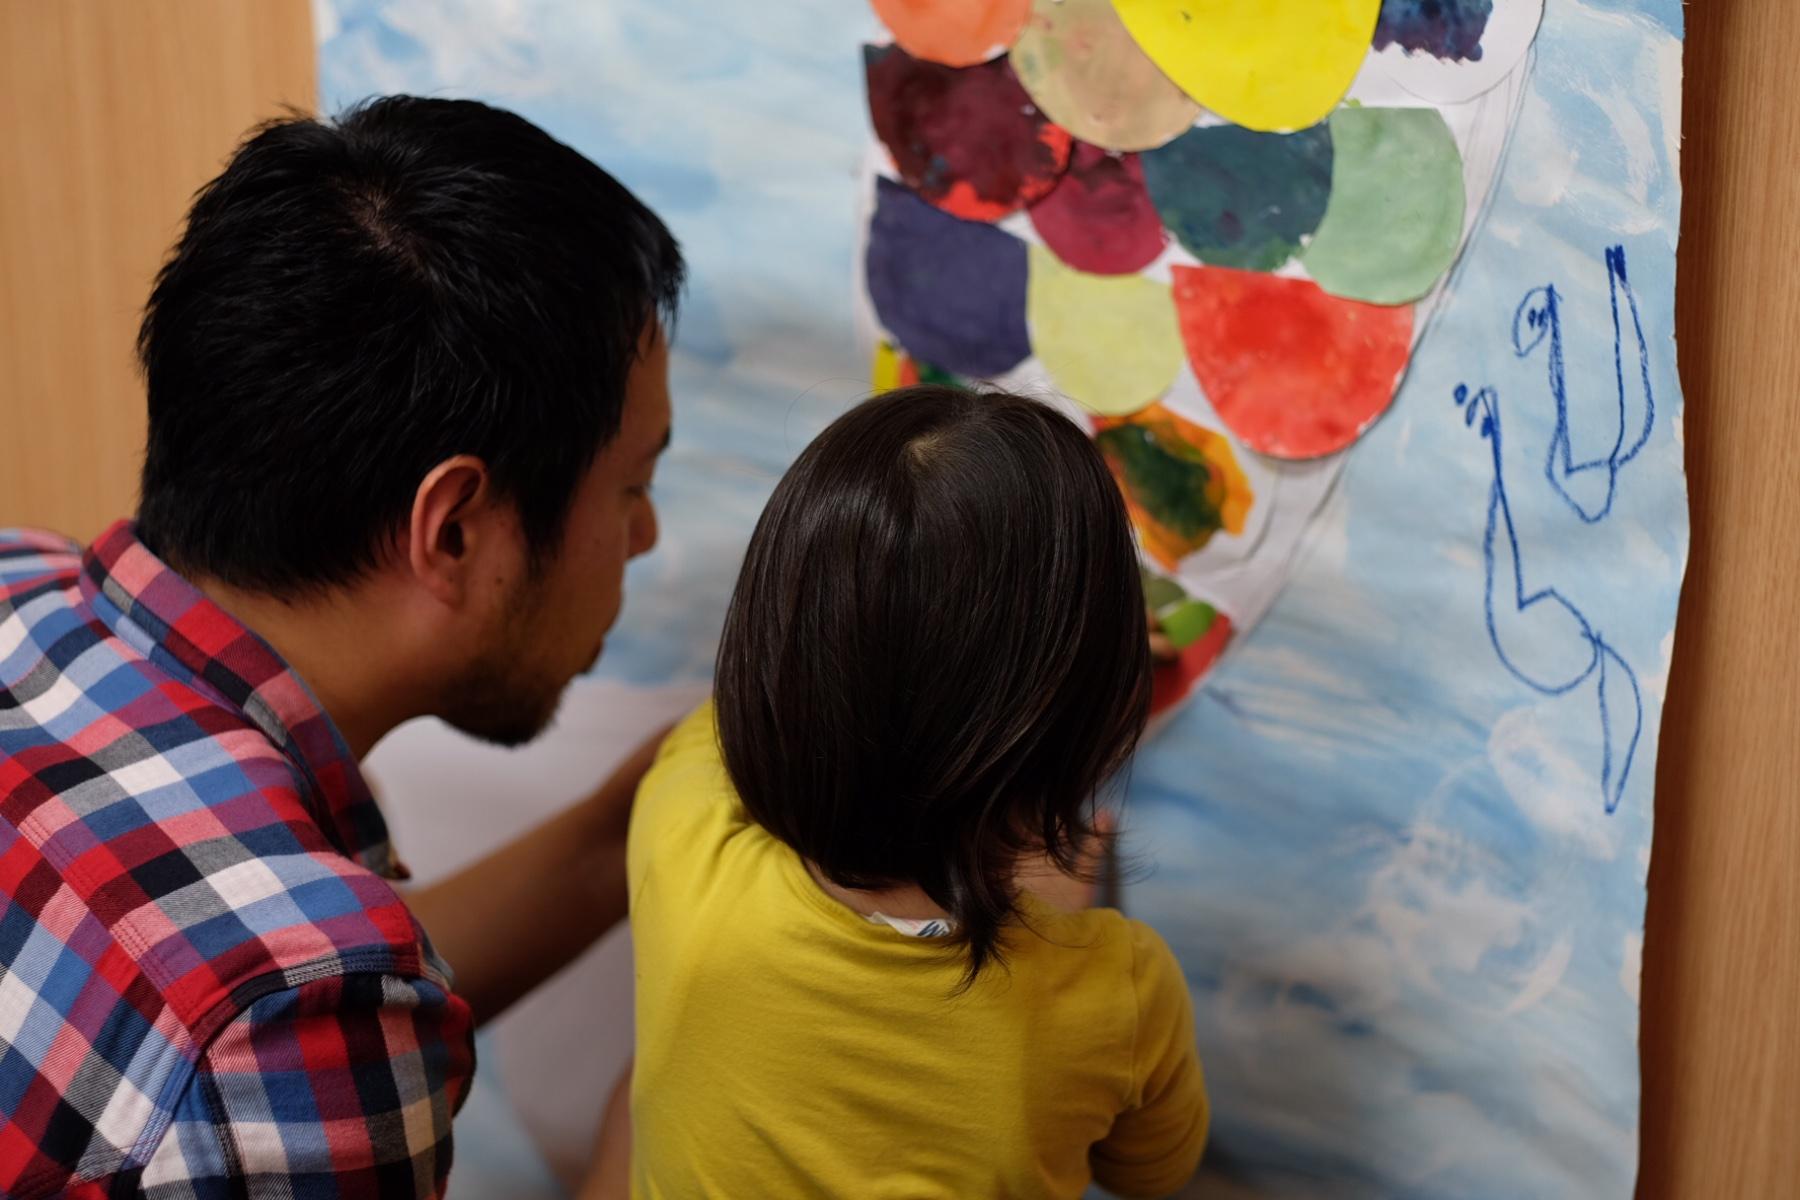 大阪北区 南森町 扇町 幼児子供 絵画教室【モネットスクール】子供たちへの効果と技法について